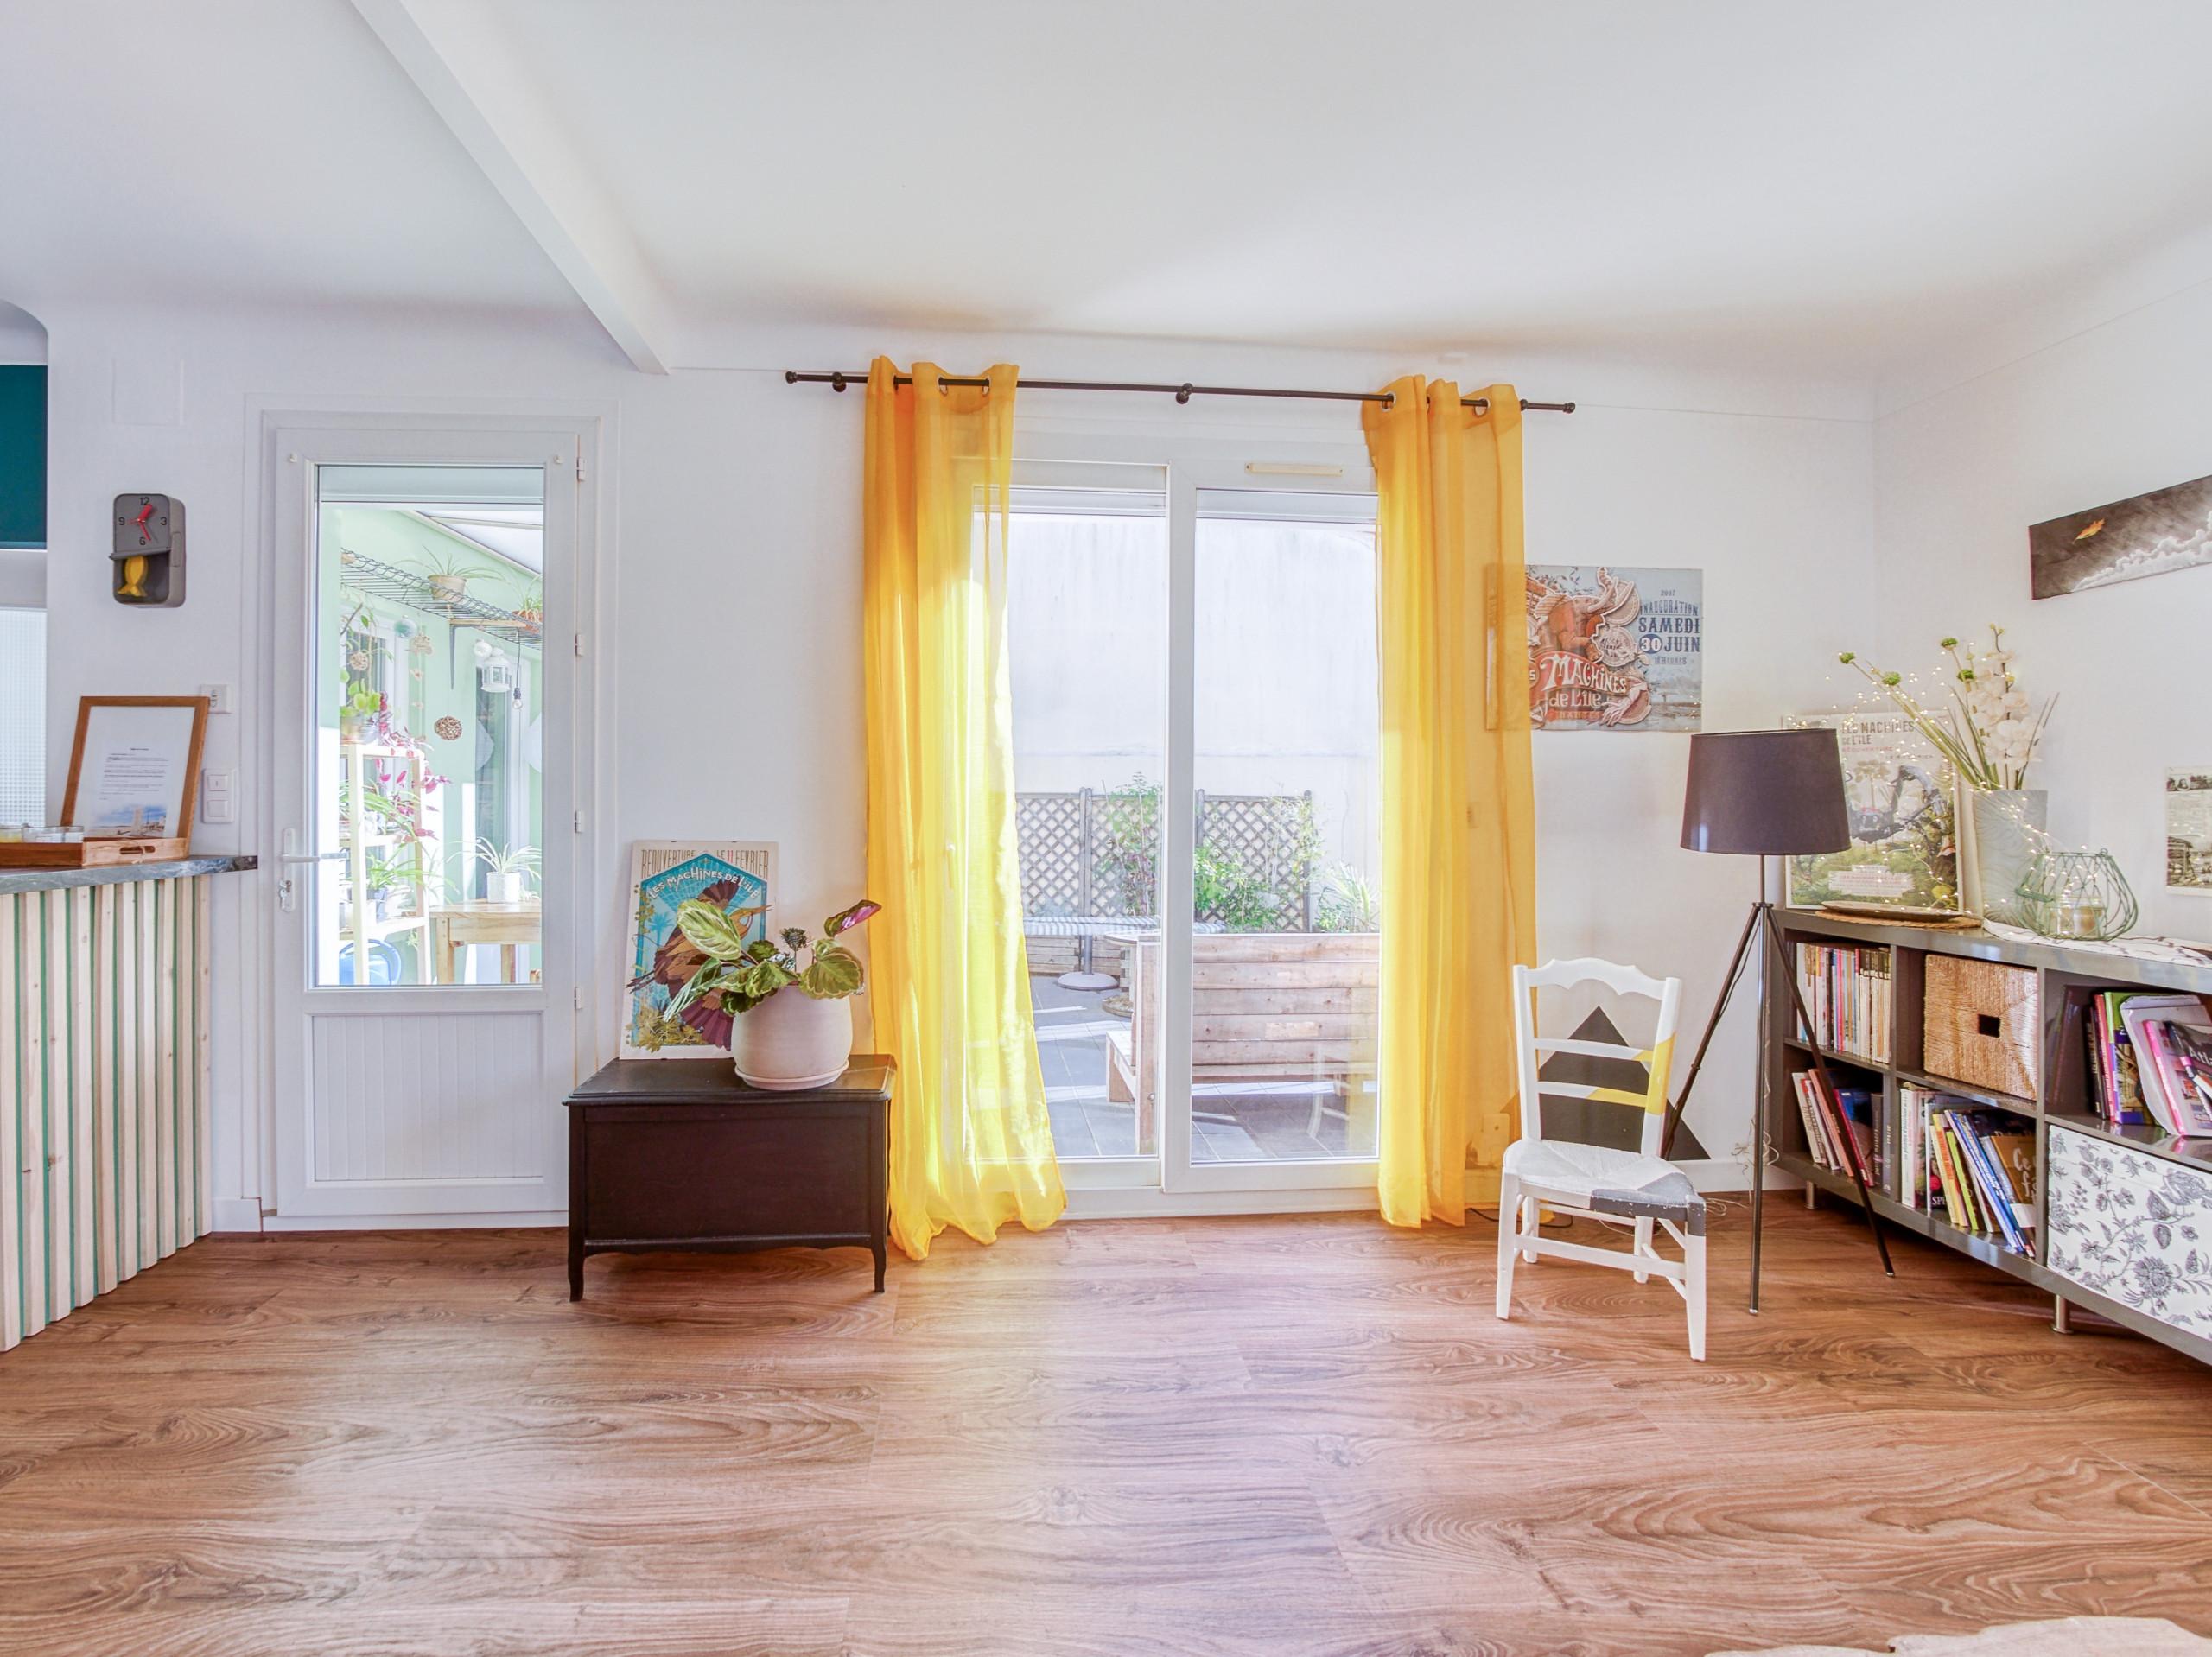 Rénovation d'appartement - Rénovation Cuisine /Séjour